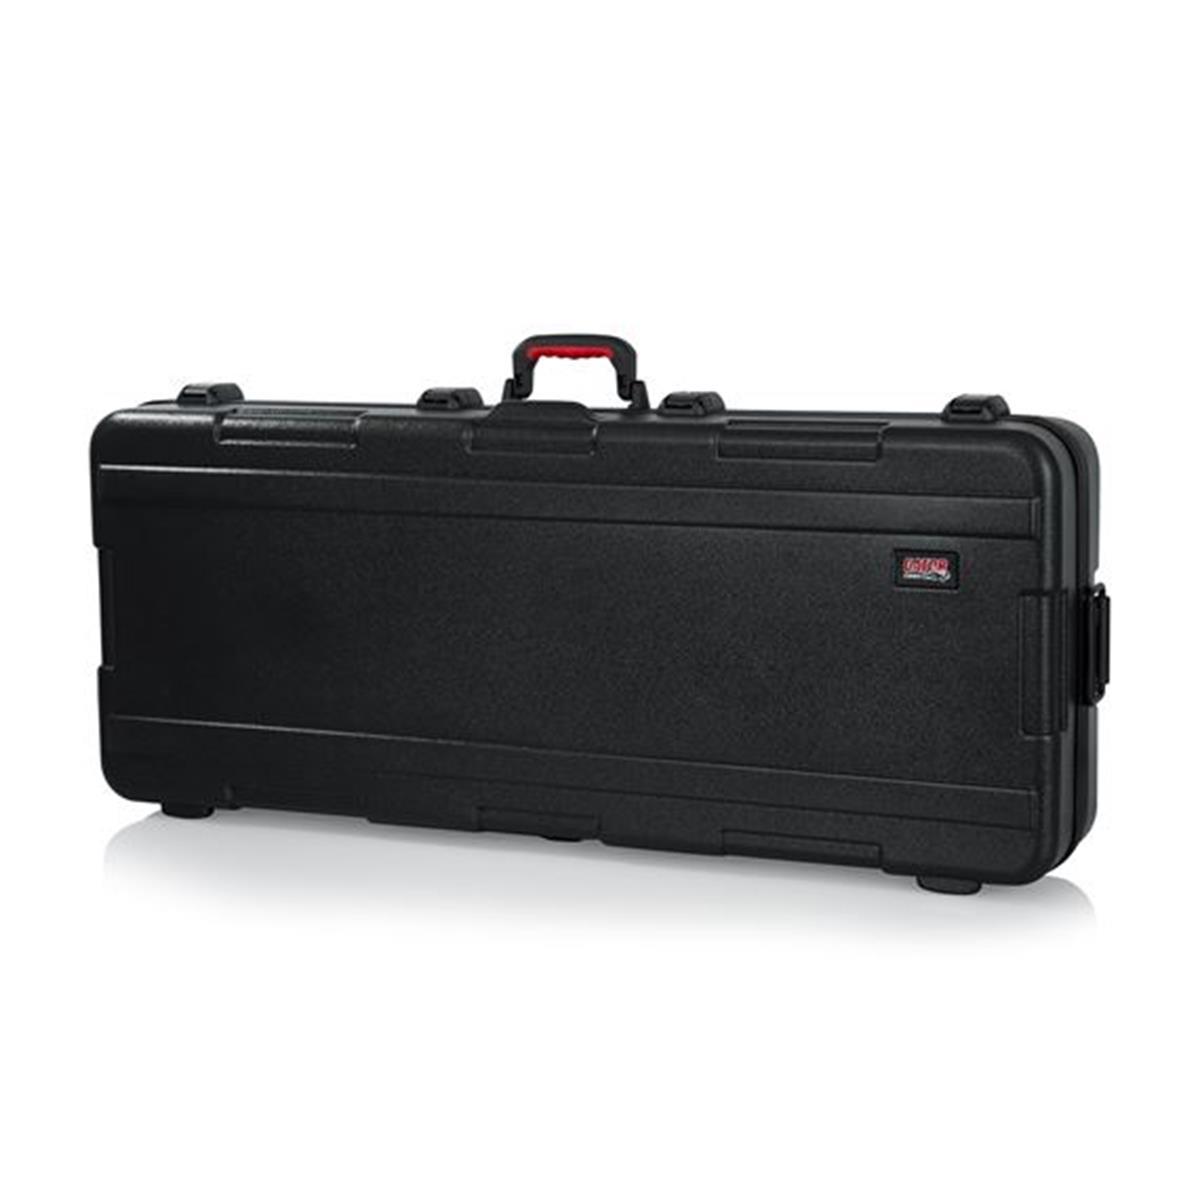 Gator GTSA-KEY61 - astuccio per tastiera 61 tasti - Tastiere Accessori - Custodie e Borse